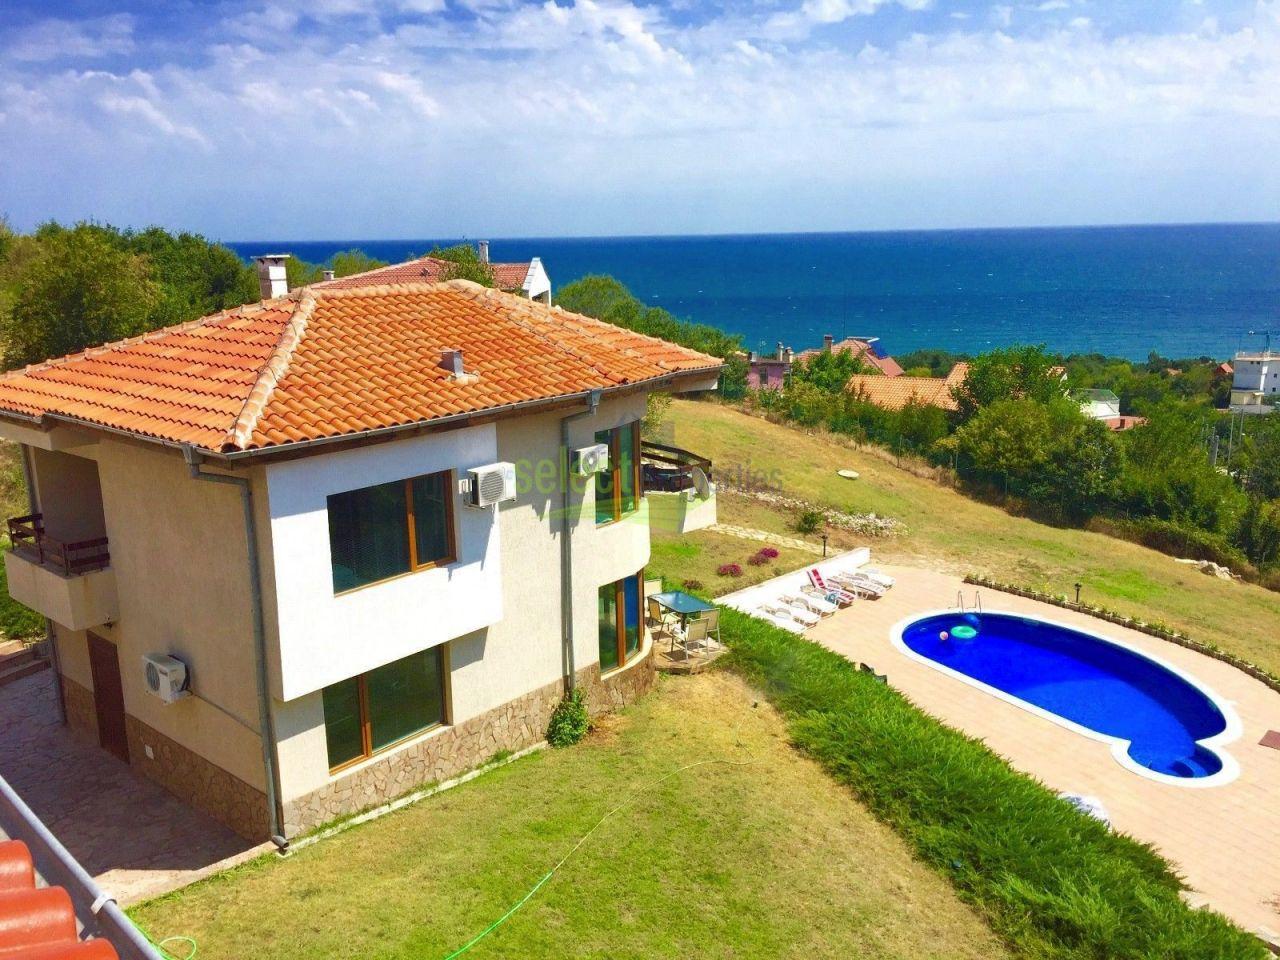 купить дом в болгарии цена